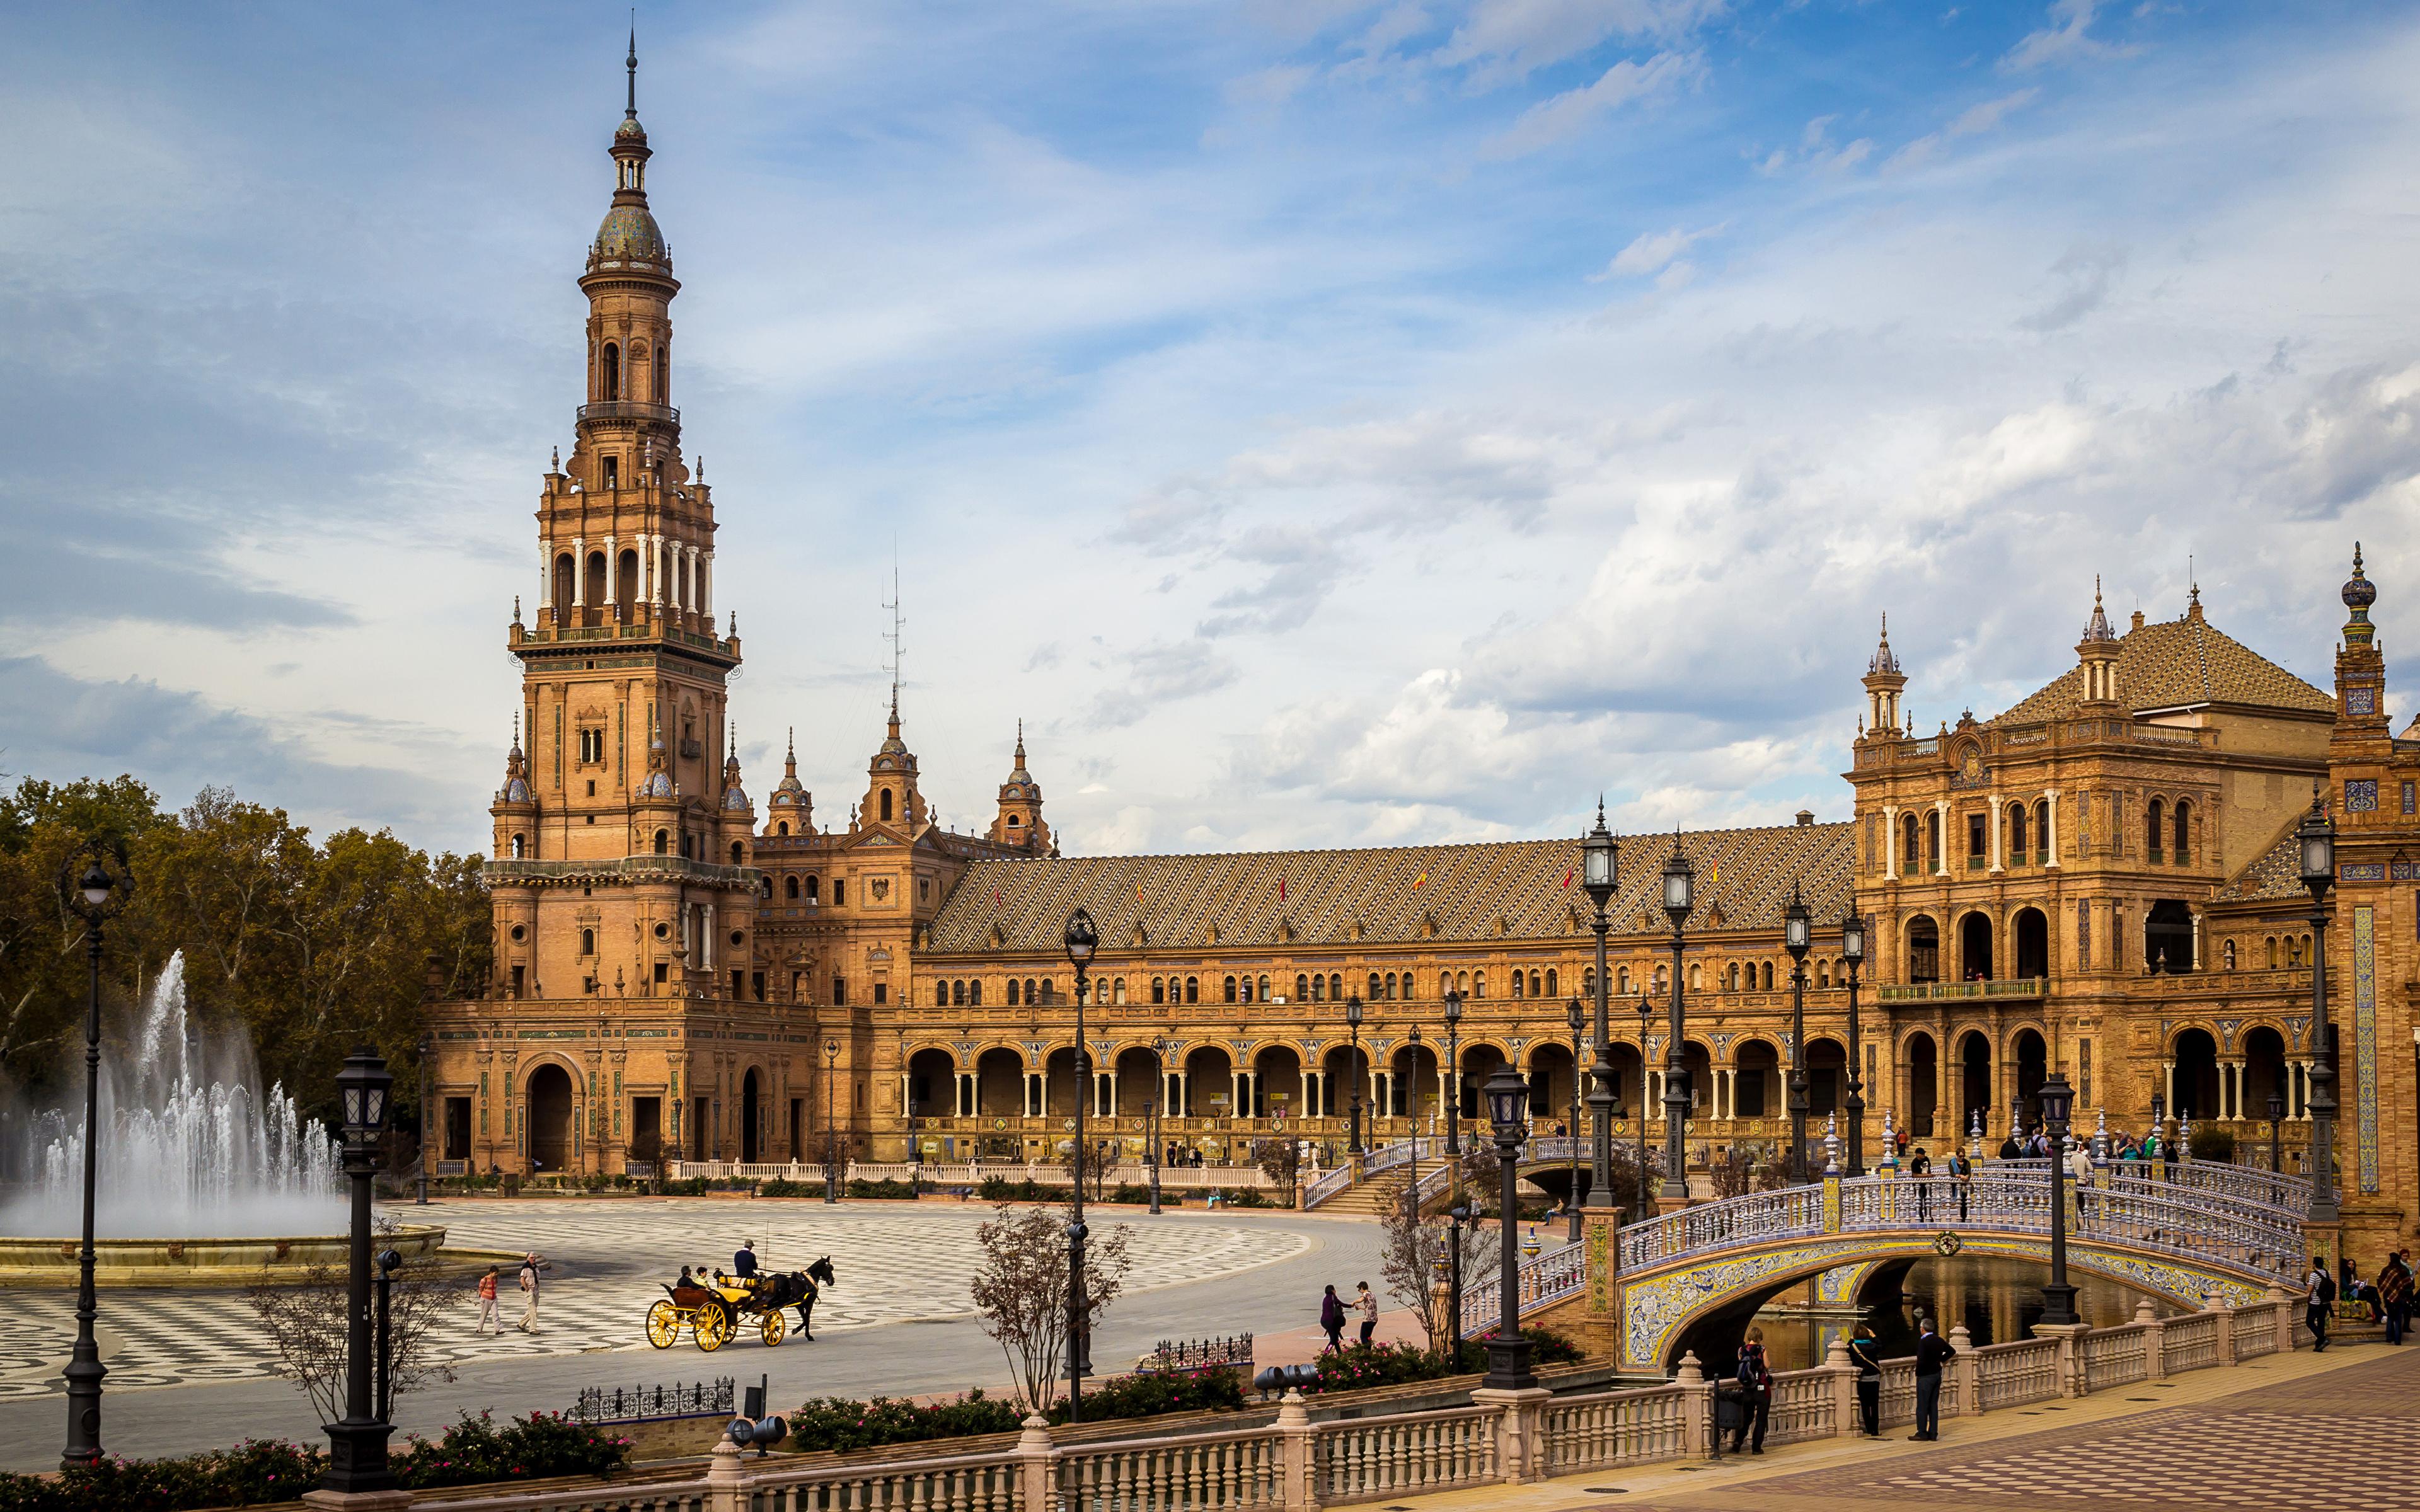 壁紙 3840x2400 スペイン 噴水 橋 Plaza De Espana Sevilla 宮殿 広場 街灯 都市 ダウンロード 写真